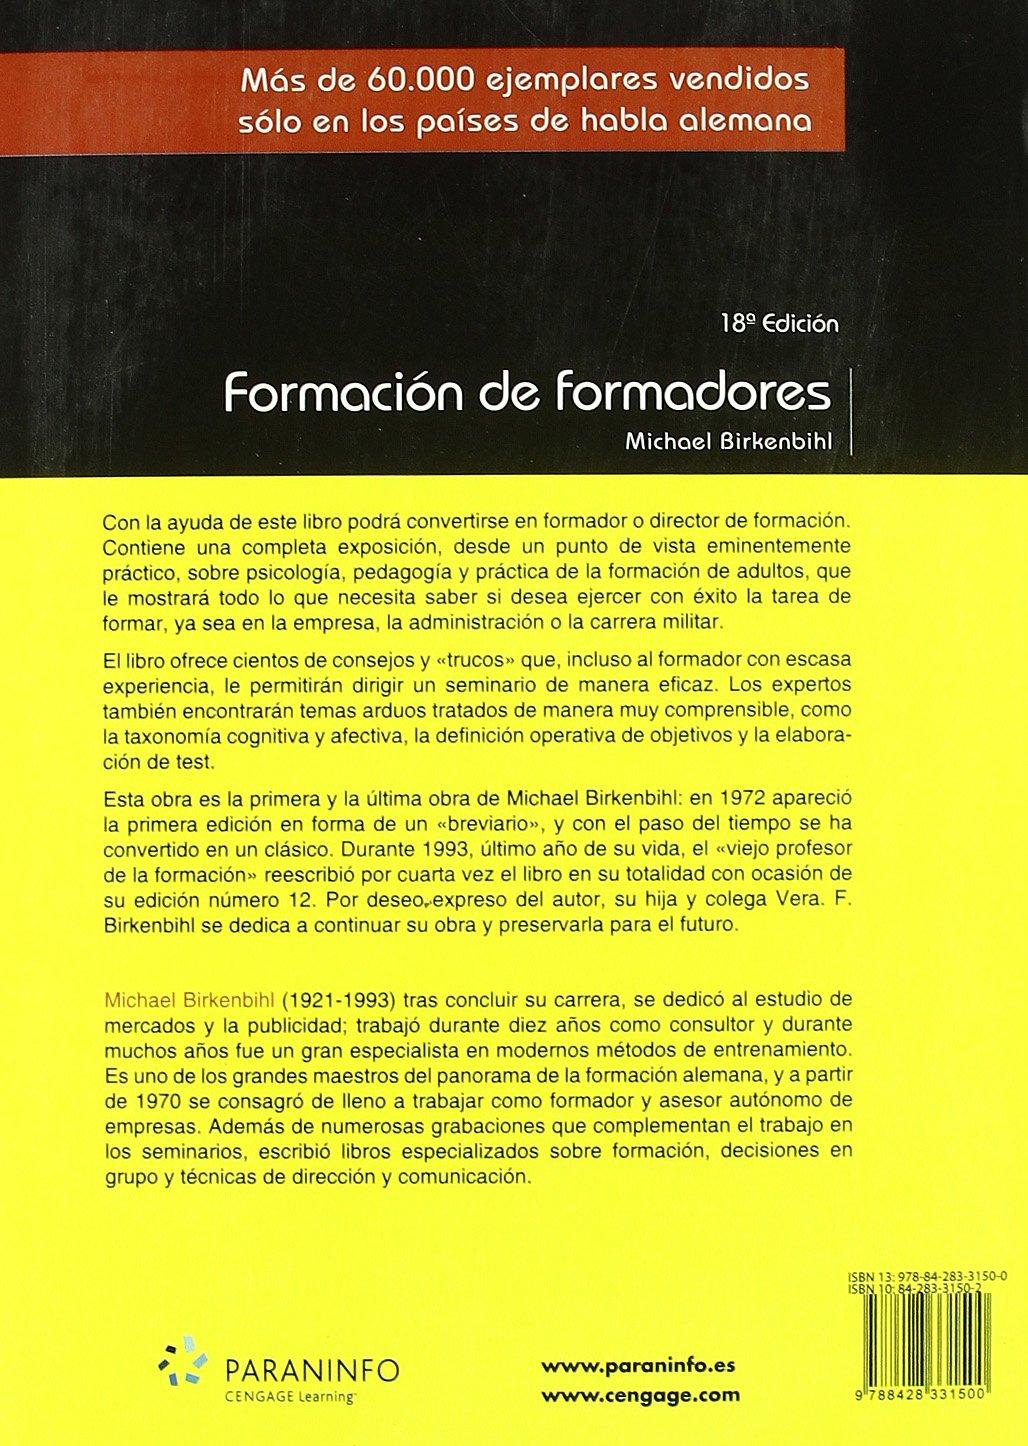 Formación de formadores (Educacion): Amazon.es: MICHAEL BIRKENBIHL : Libros